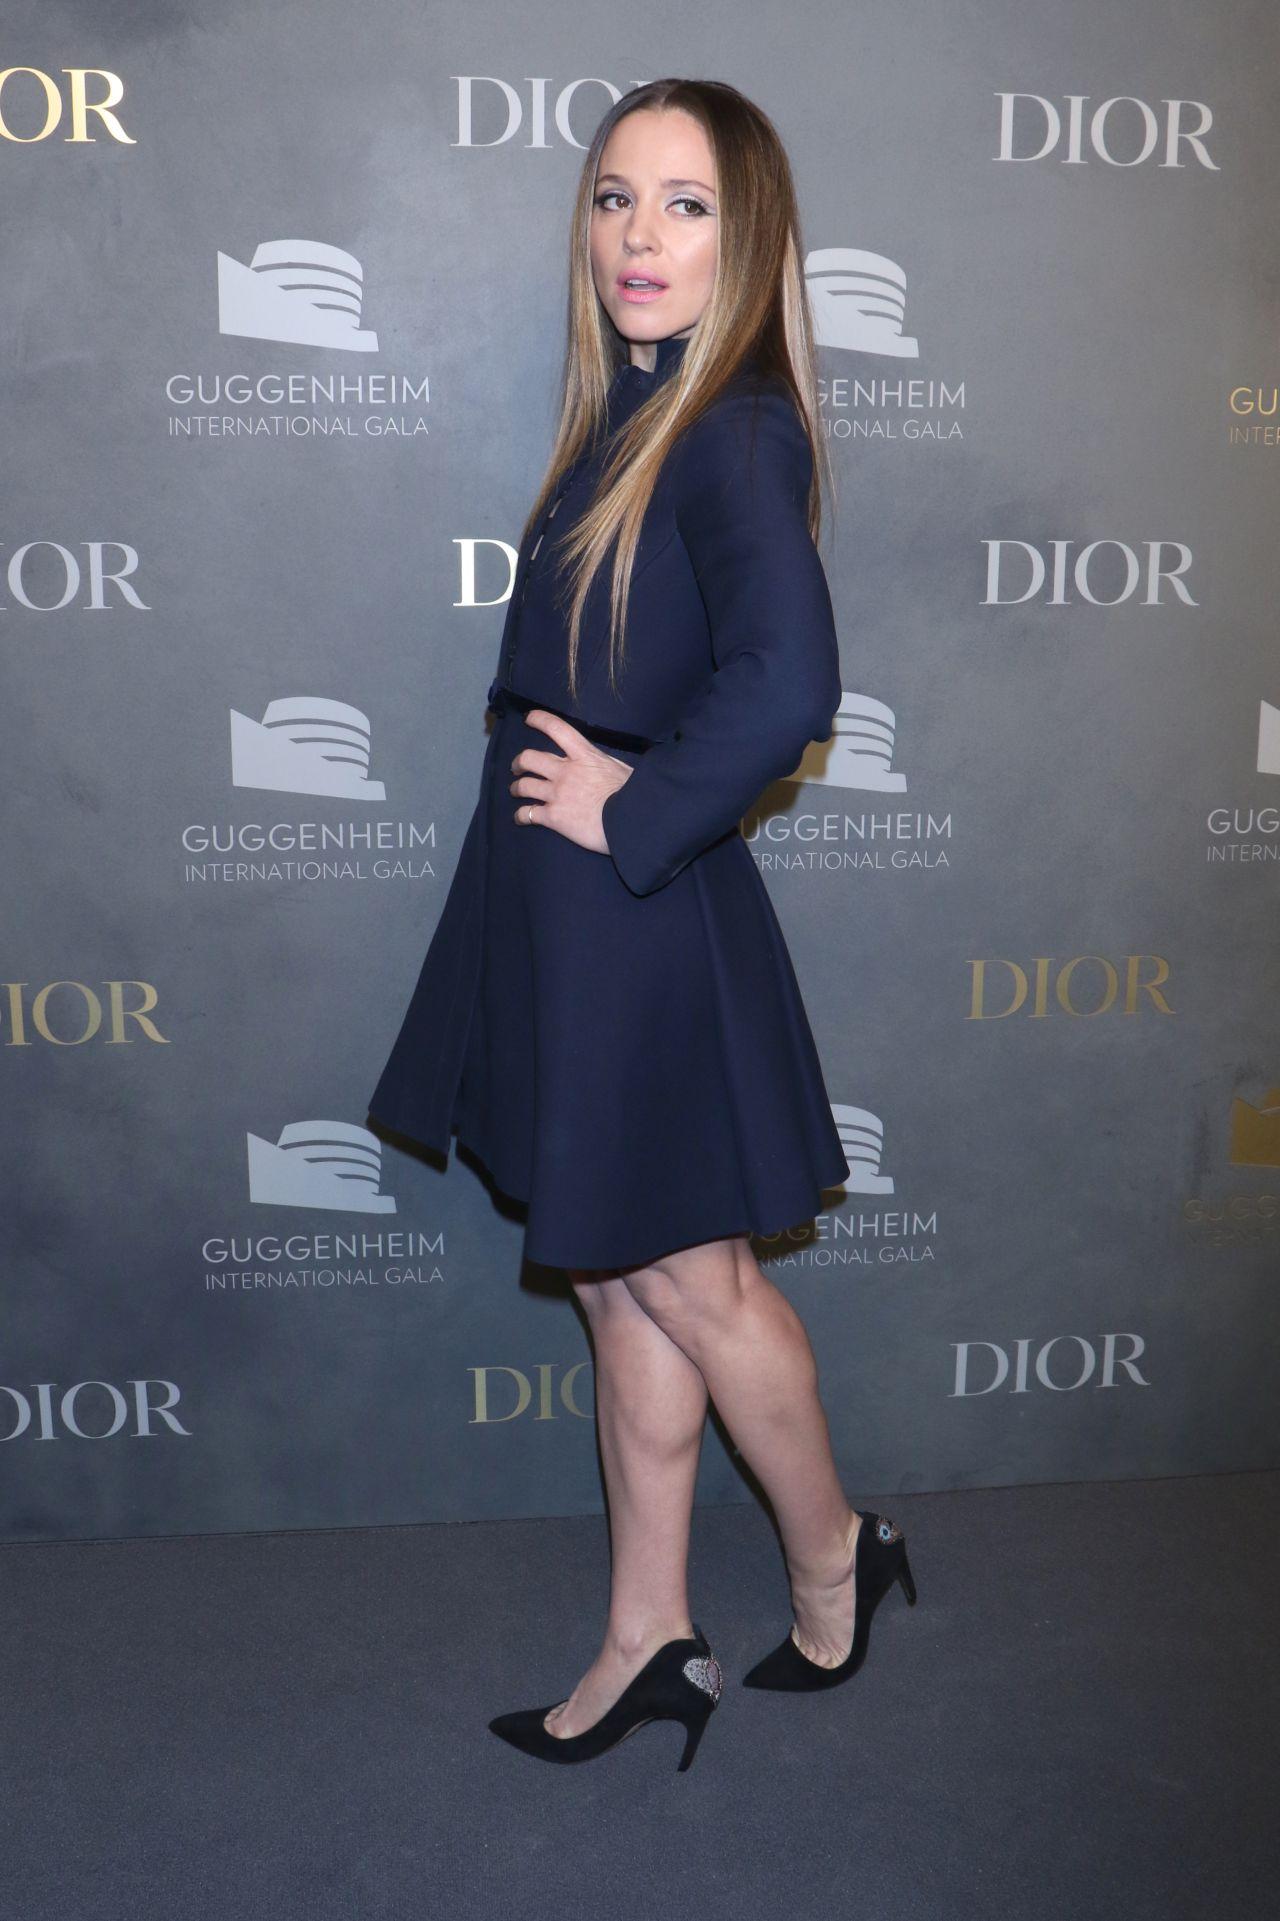 Margarita Levieva Guggenheim International Gala In New